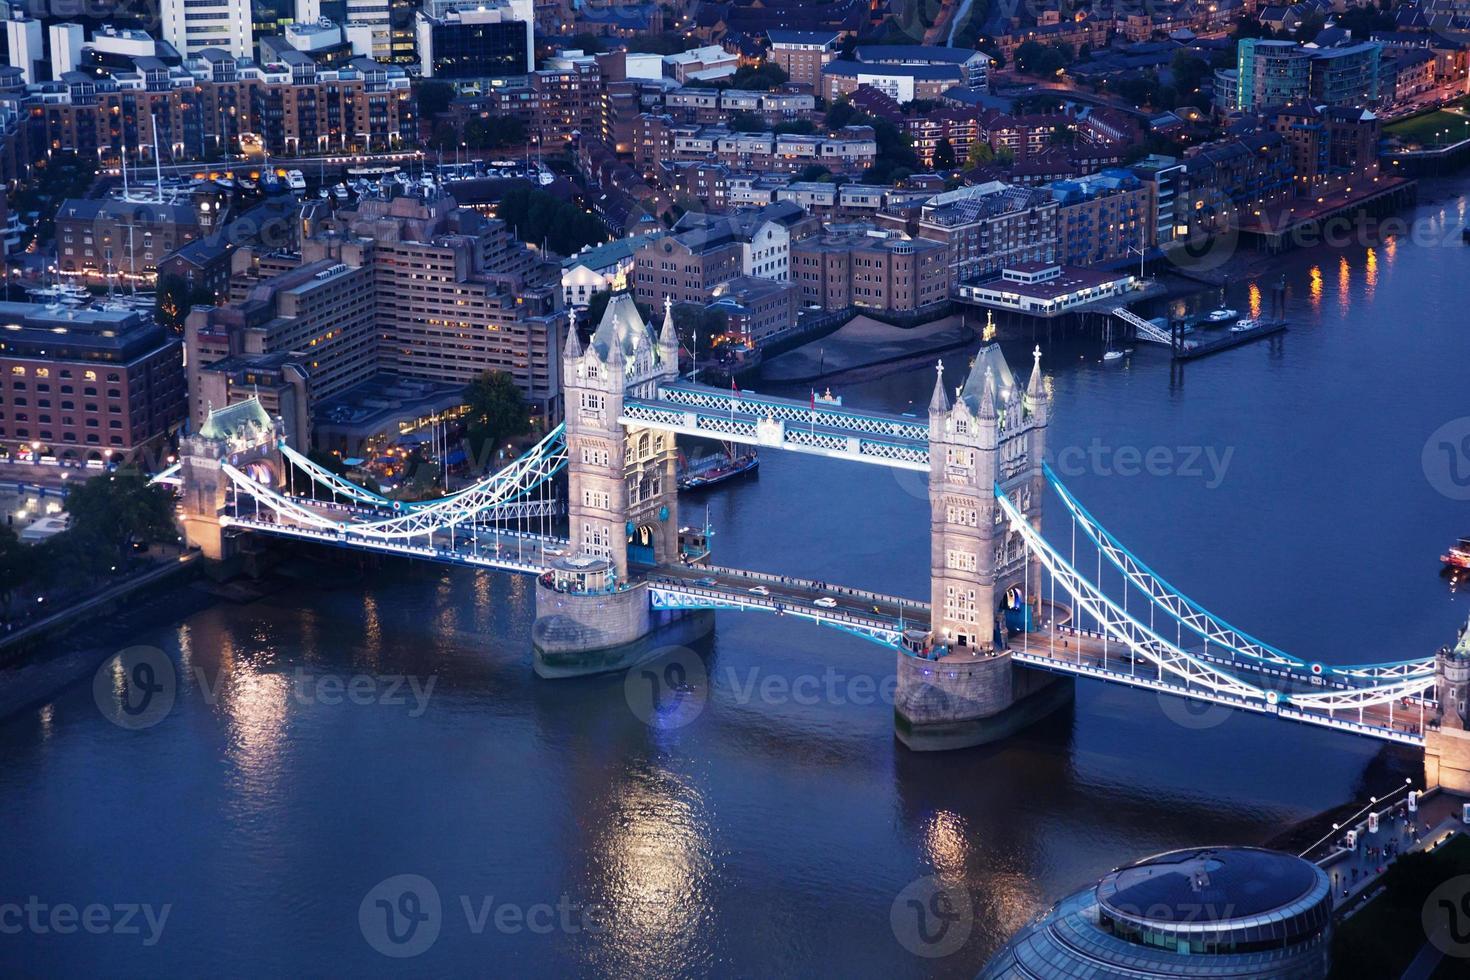 Londen bij nacht met stedelijke architecturen en torenbrug foto